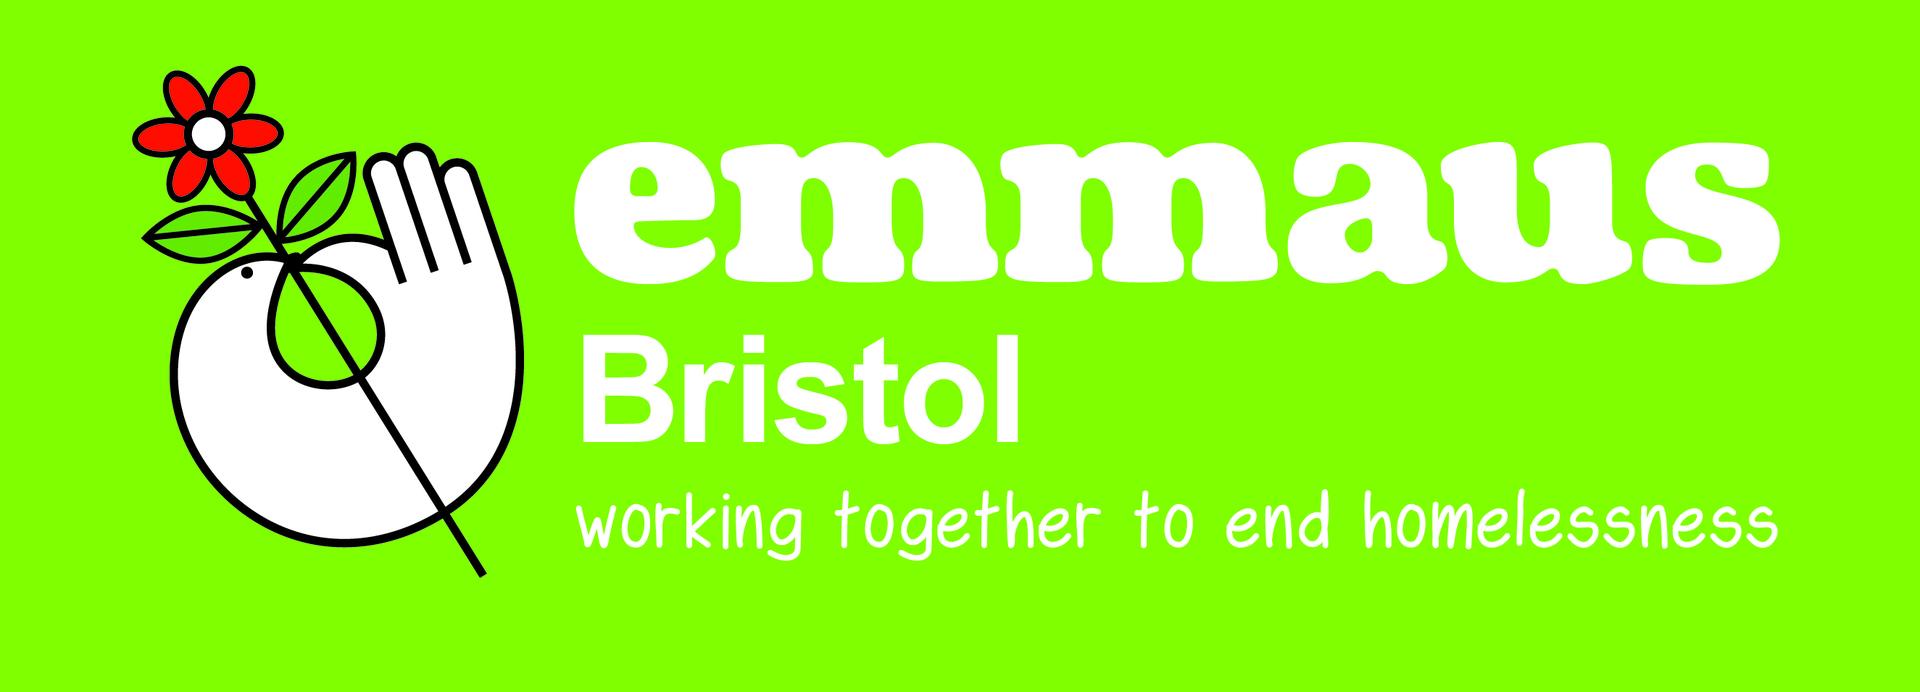 Emmaus_Bristol_masterlogoCMYK.jpg